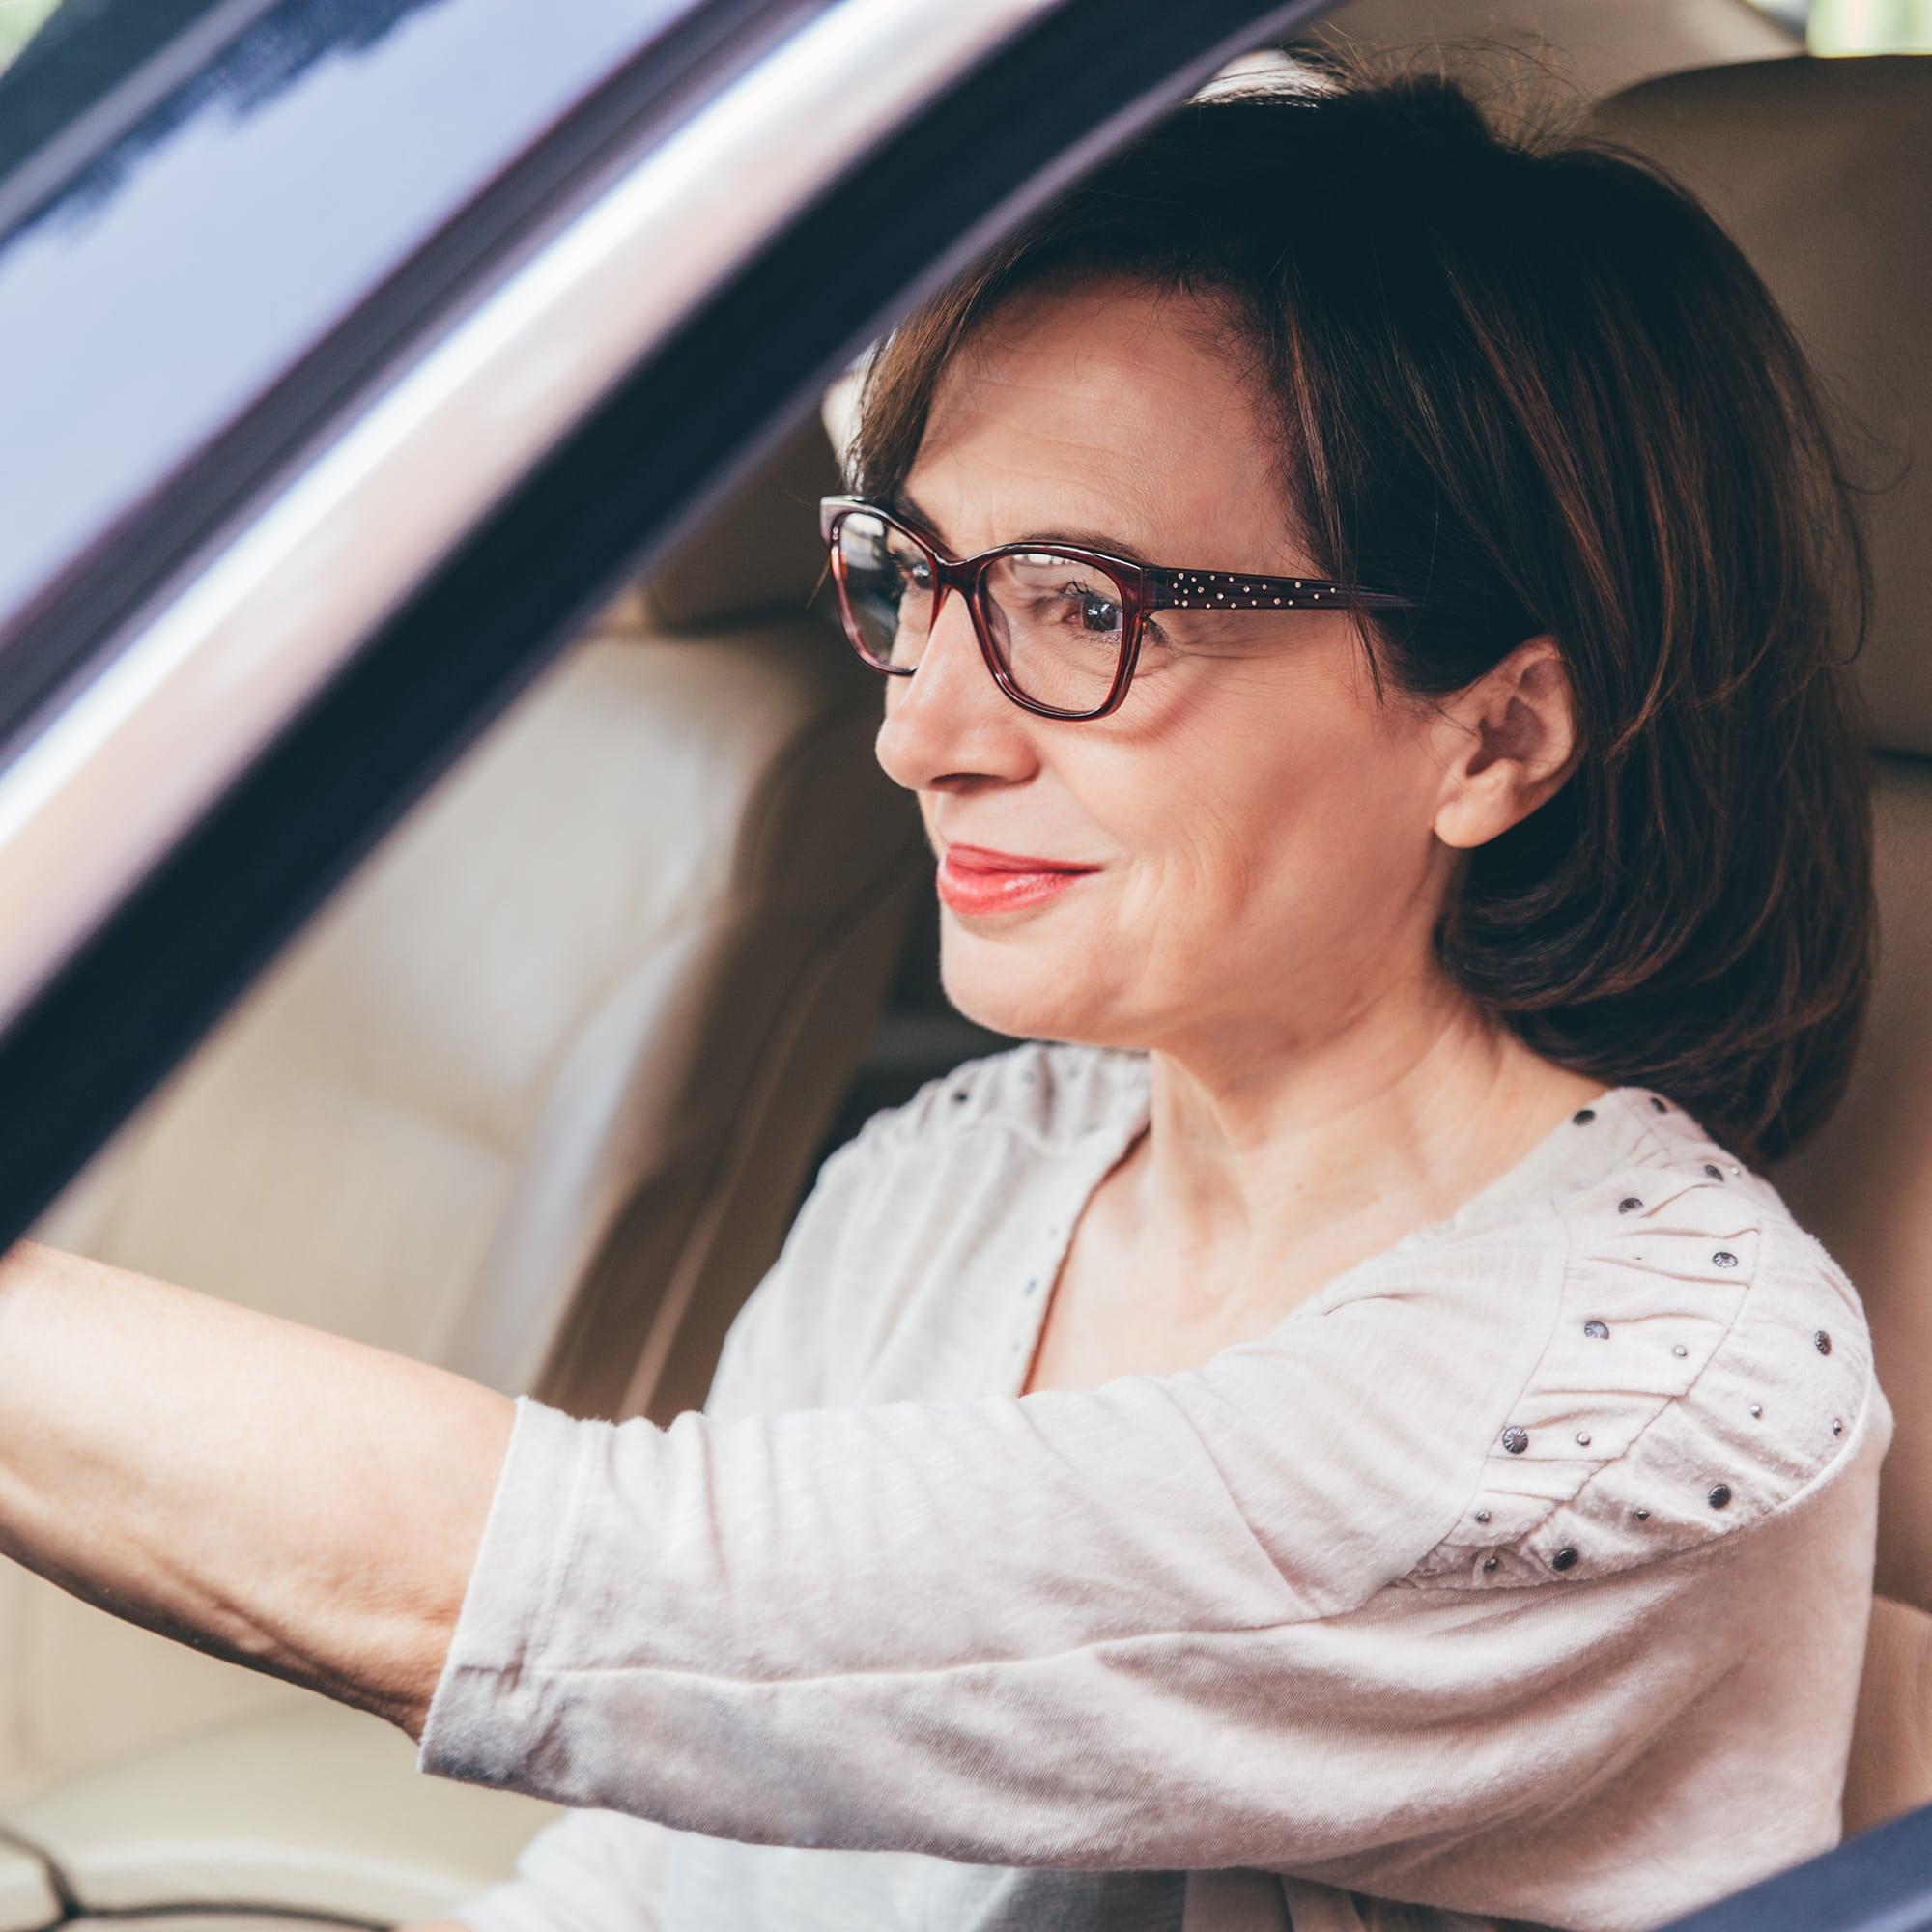 La importancia de una buena visión al conducir - Voilà by Afflelou – Blog  de oftalmología de Alain Afflelou adba2107a9